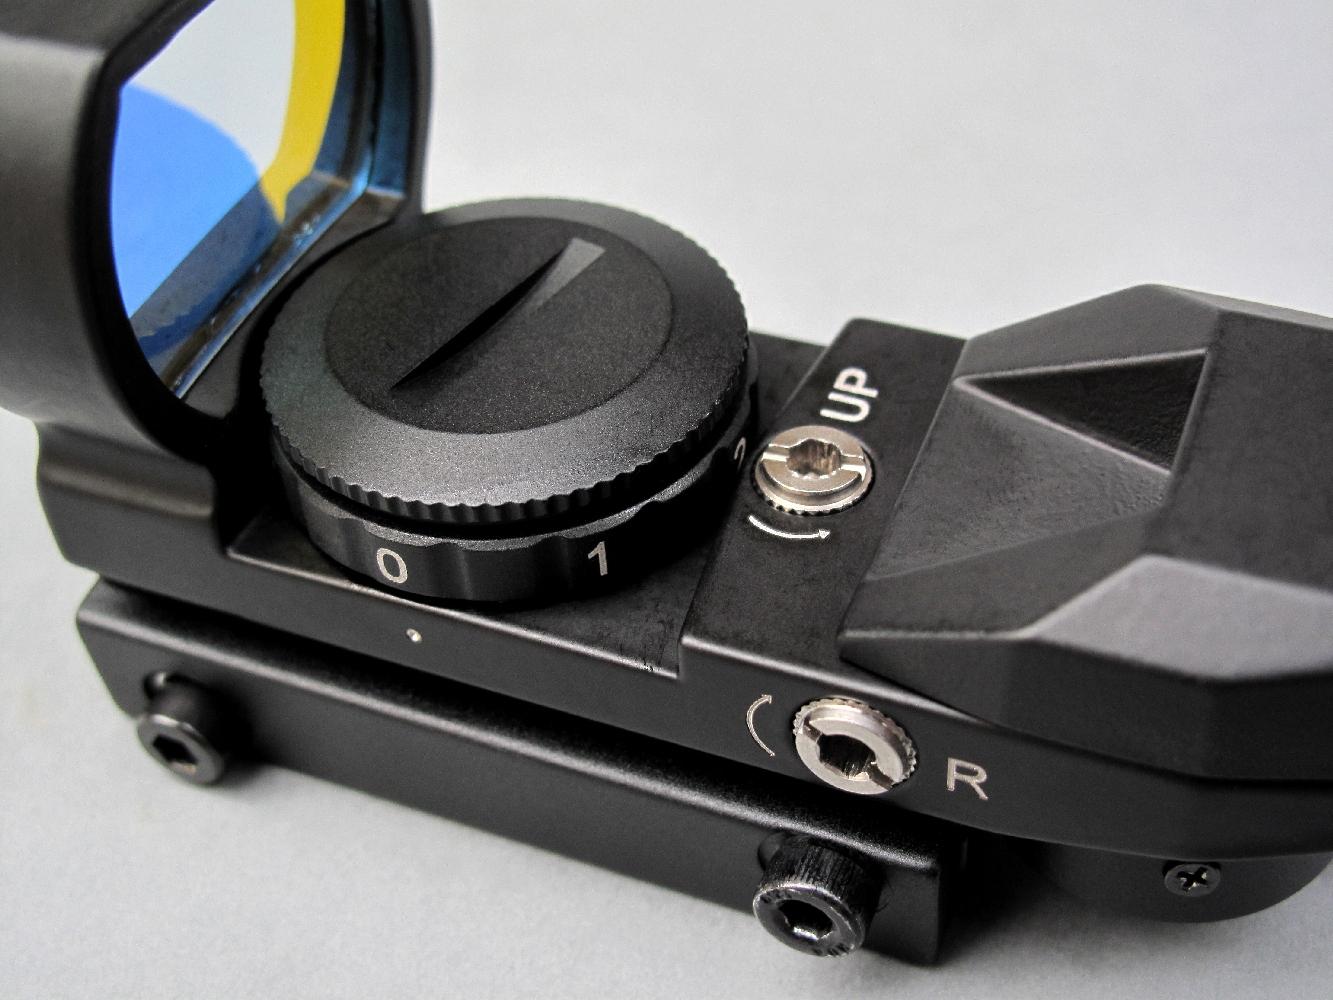 Bien qu'il ne grossisse pas l'image observée, le viseur à point rouge constitue une alternative très séduisante et permet d'effectuer des tirs précis à la distance de cinquante mètres.